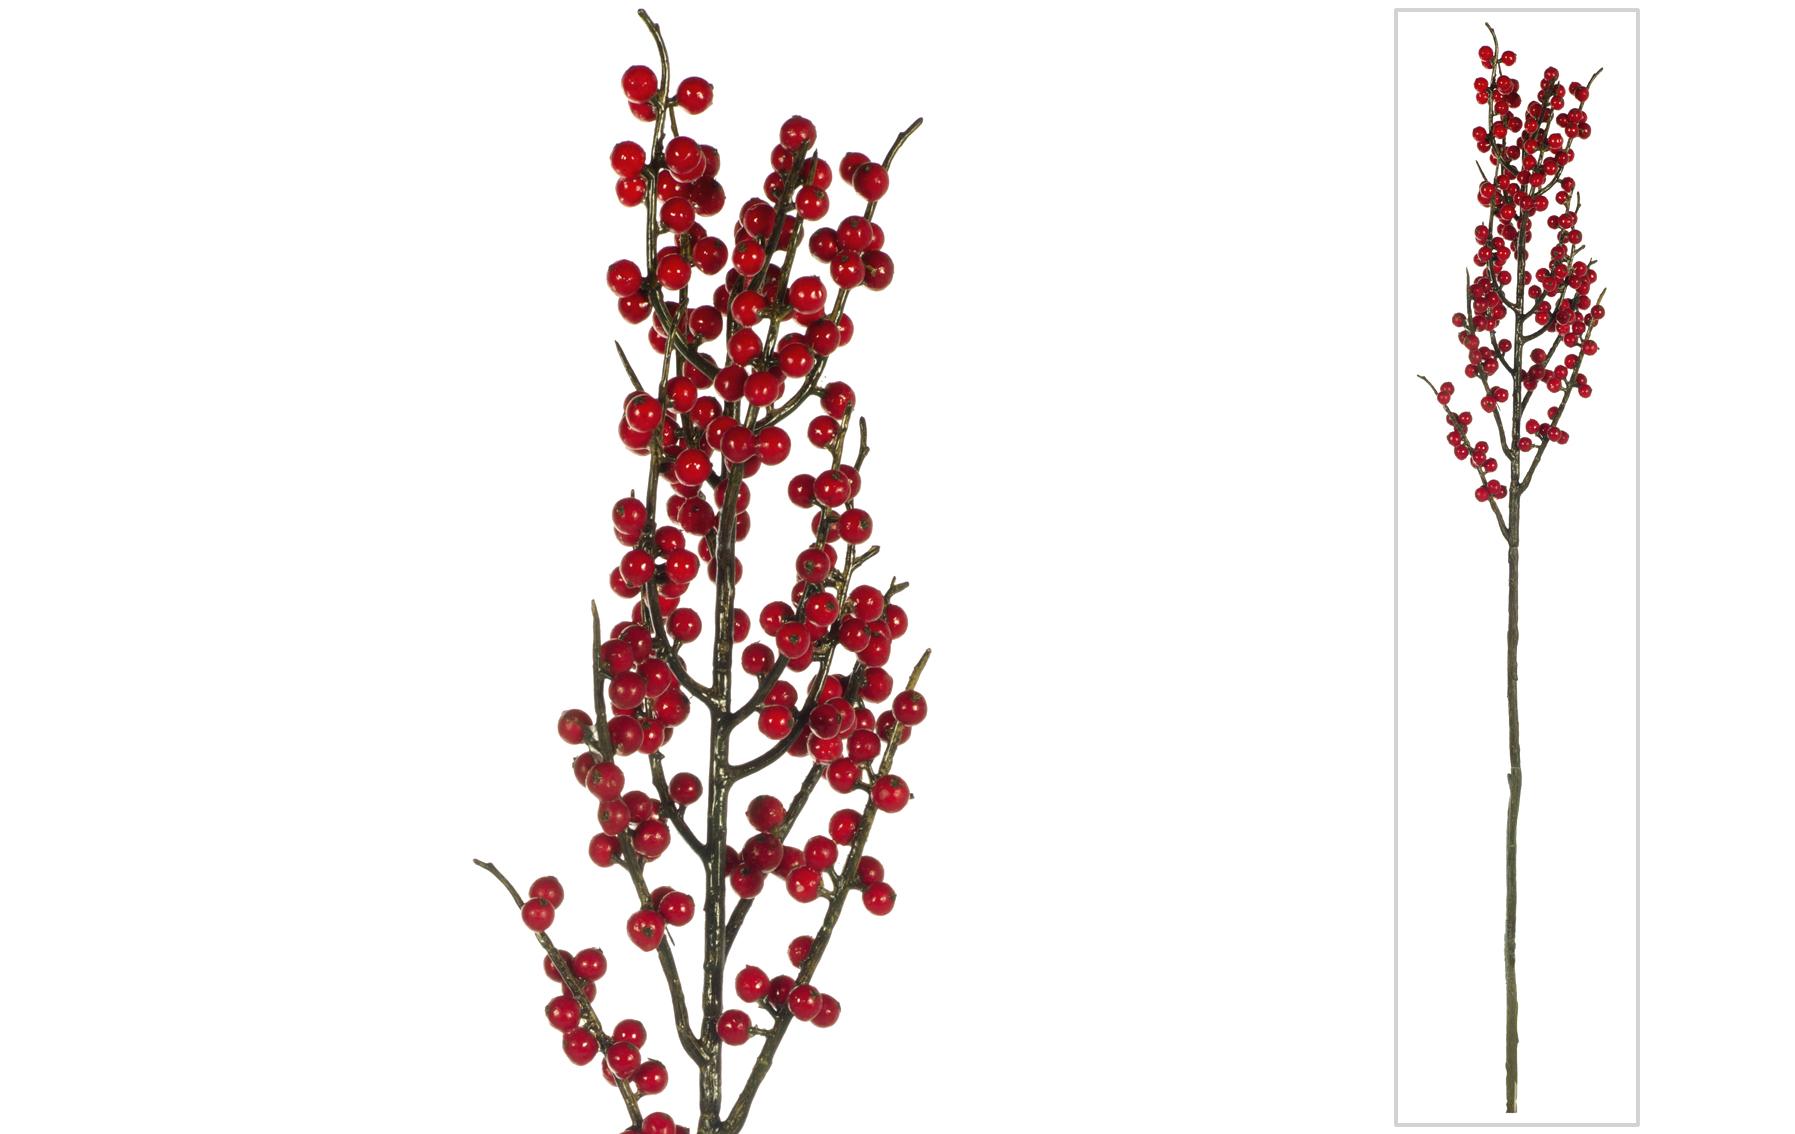 VARA DE BERRY DE 76 CM www.floresymuchomas.com